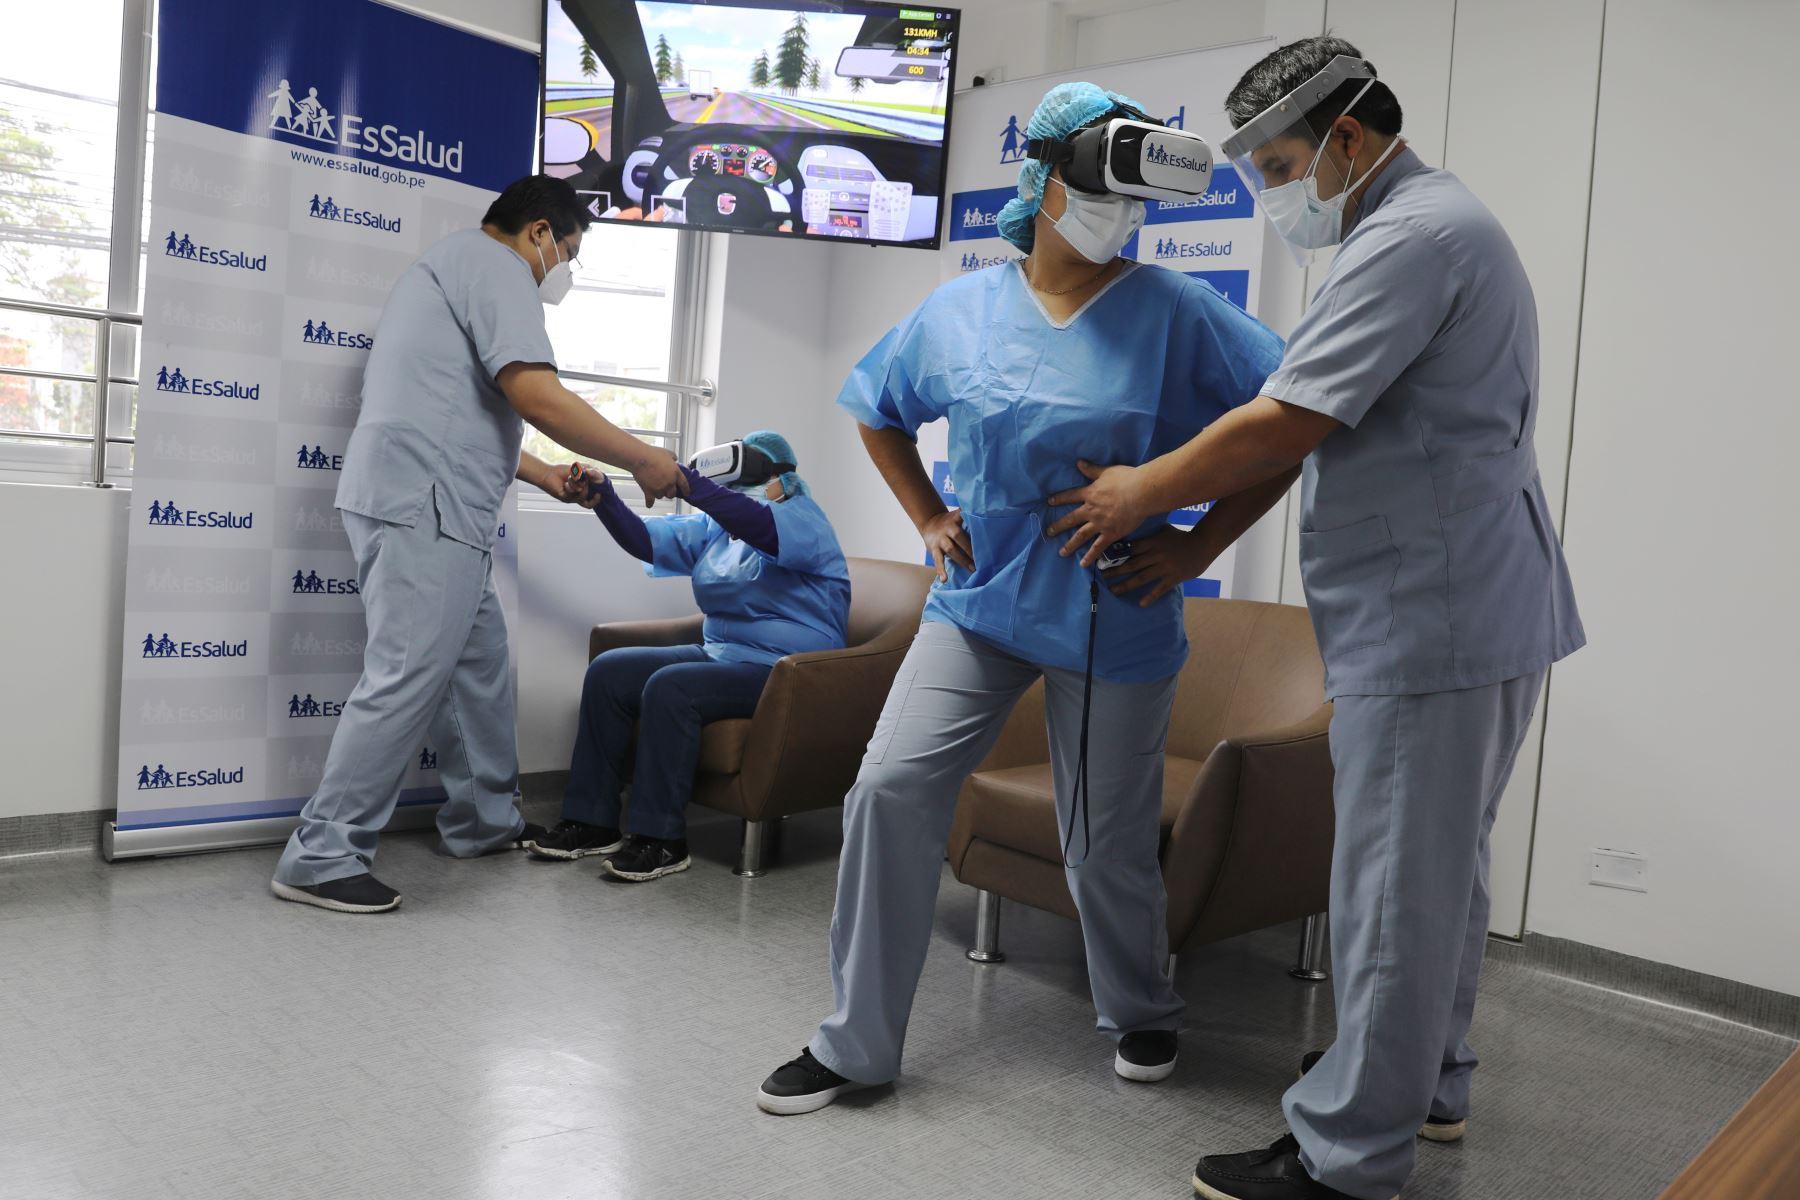 El Seguro Social de Salud (EsSalud) está utilizando la realidad virtual para el tratamiento de pacientes hospitalizados con Covid-19, el cual permite contribuir en la recuperación y su posterior alta hospitalaria. Foto:ANDINA/Juan Carlos Dominguez/EsSalud